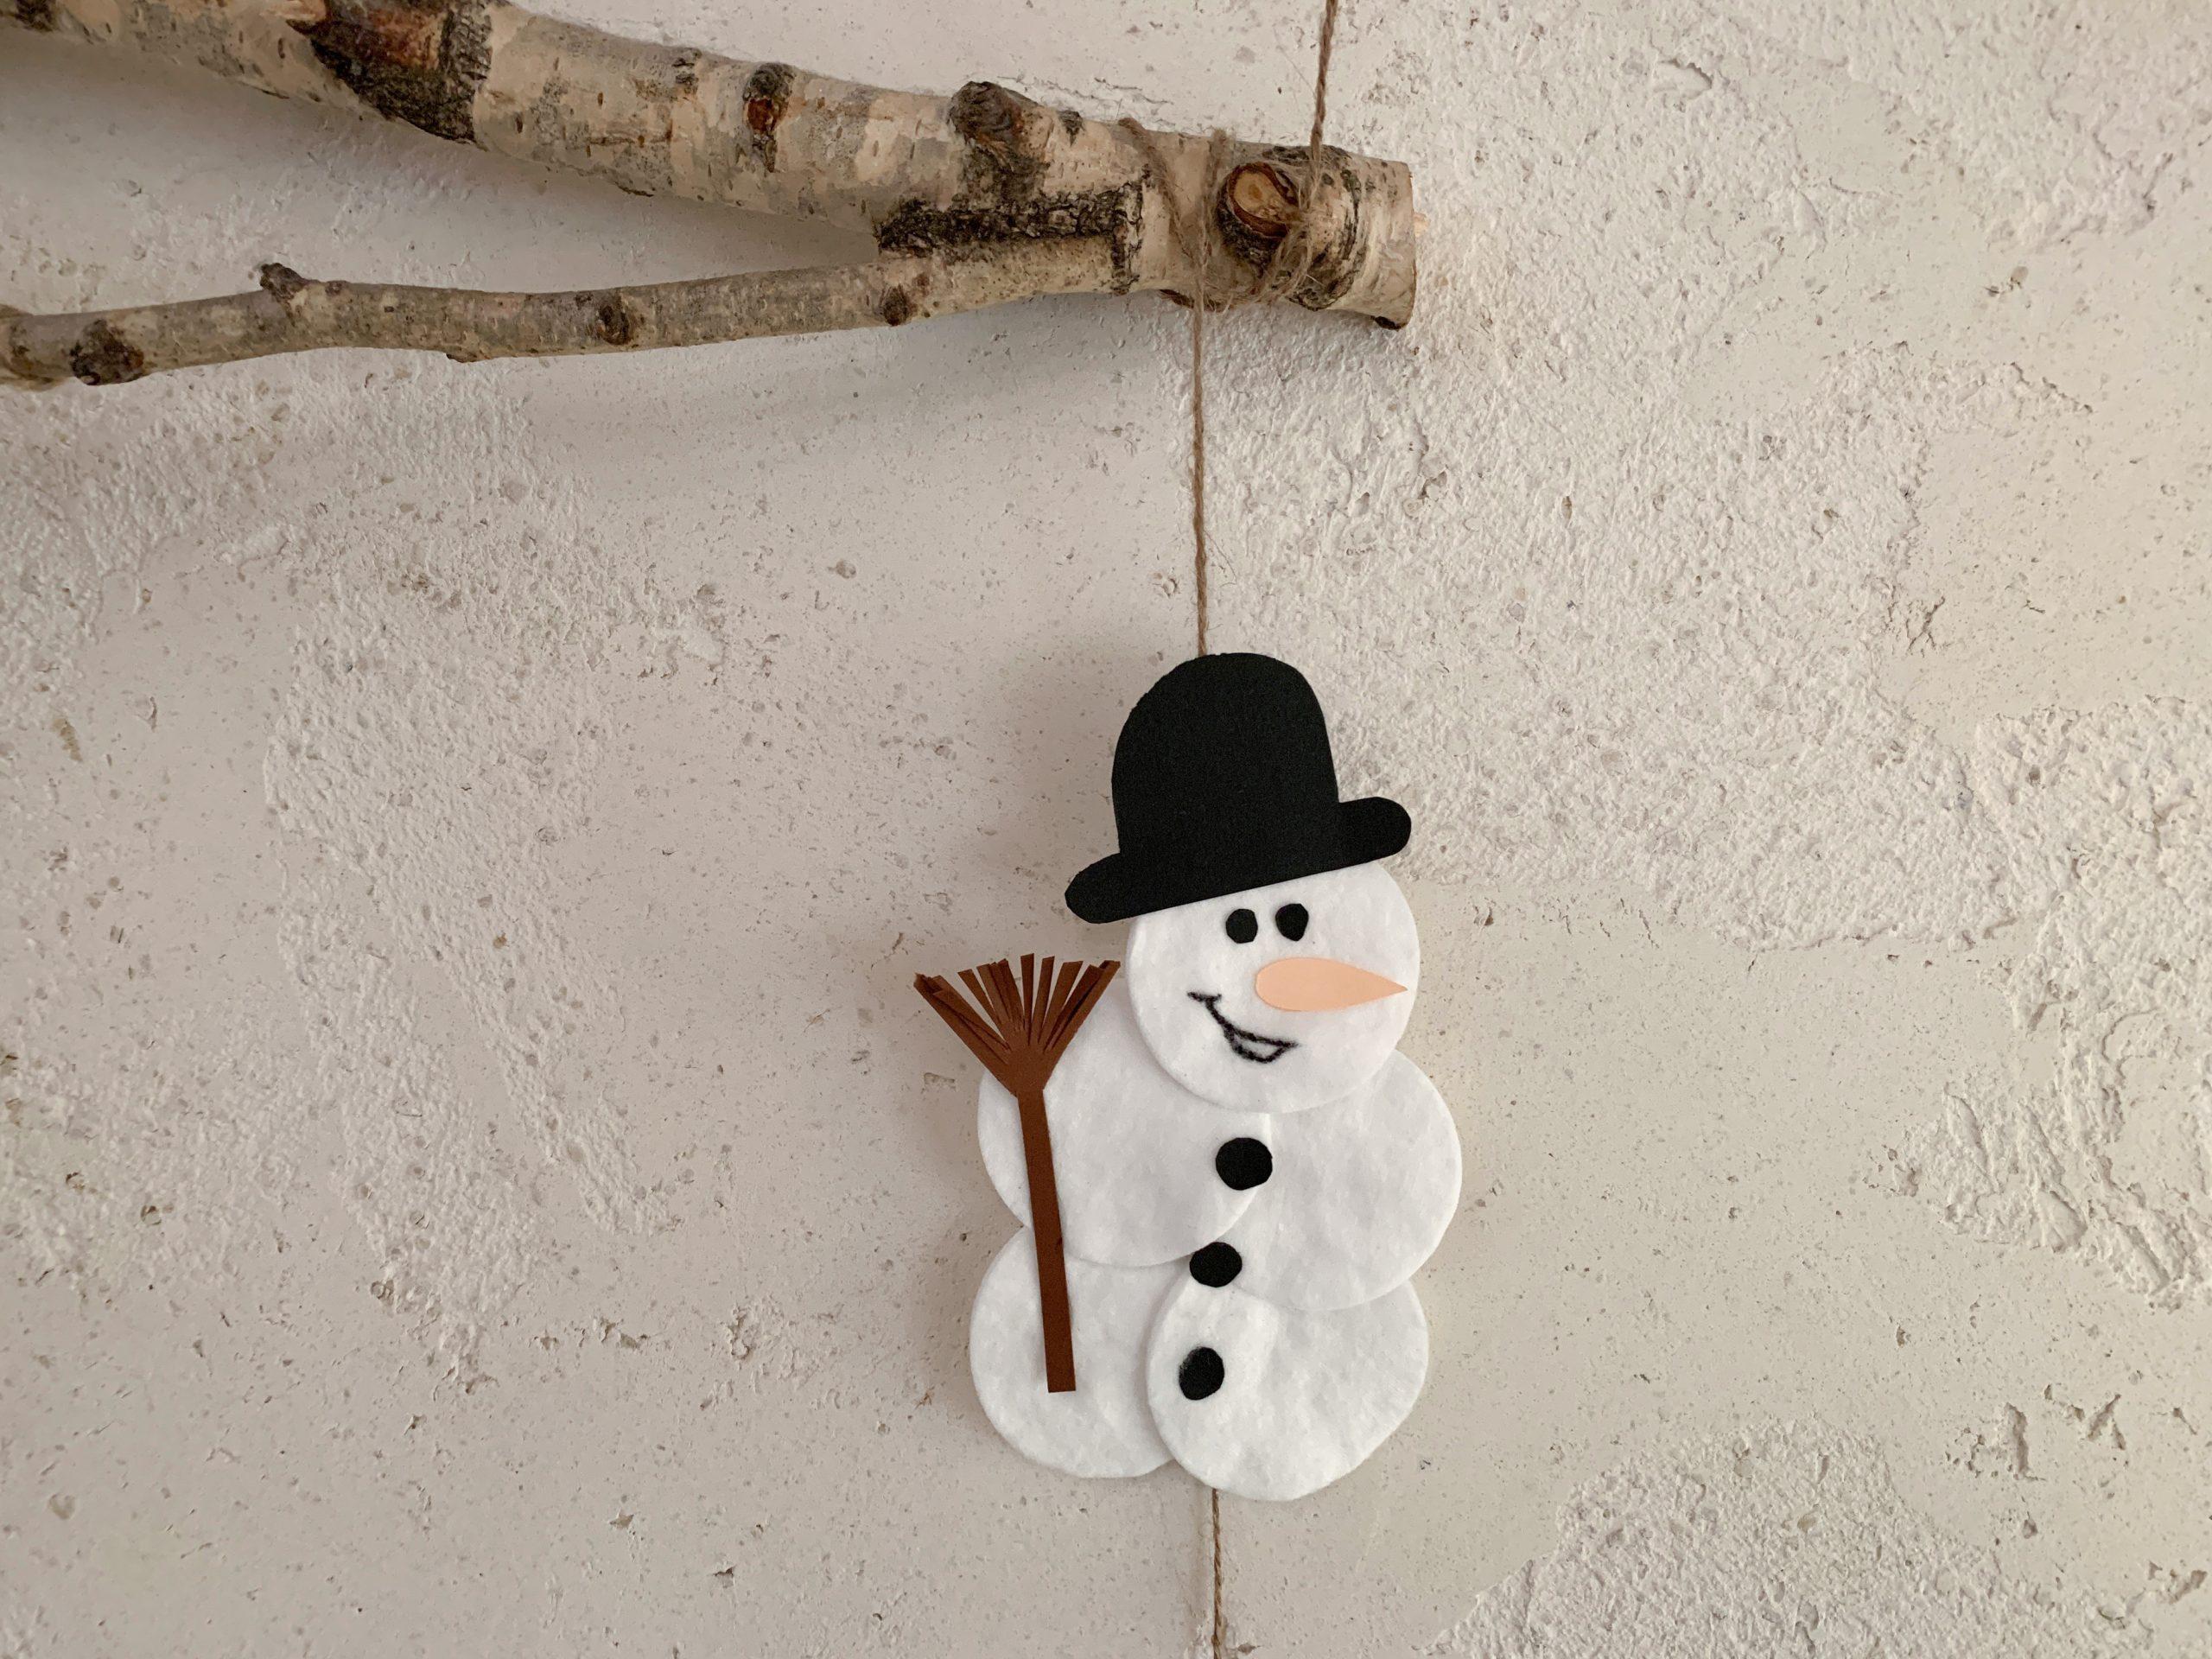 Schneemann aus Wattepads an einer Girlande